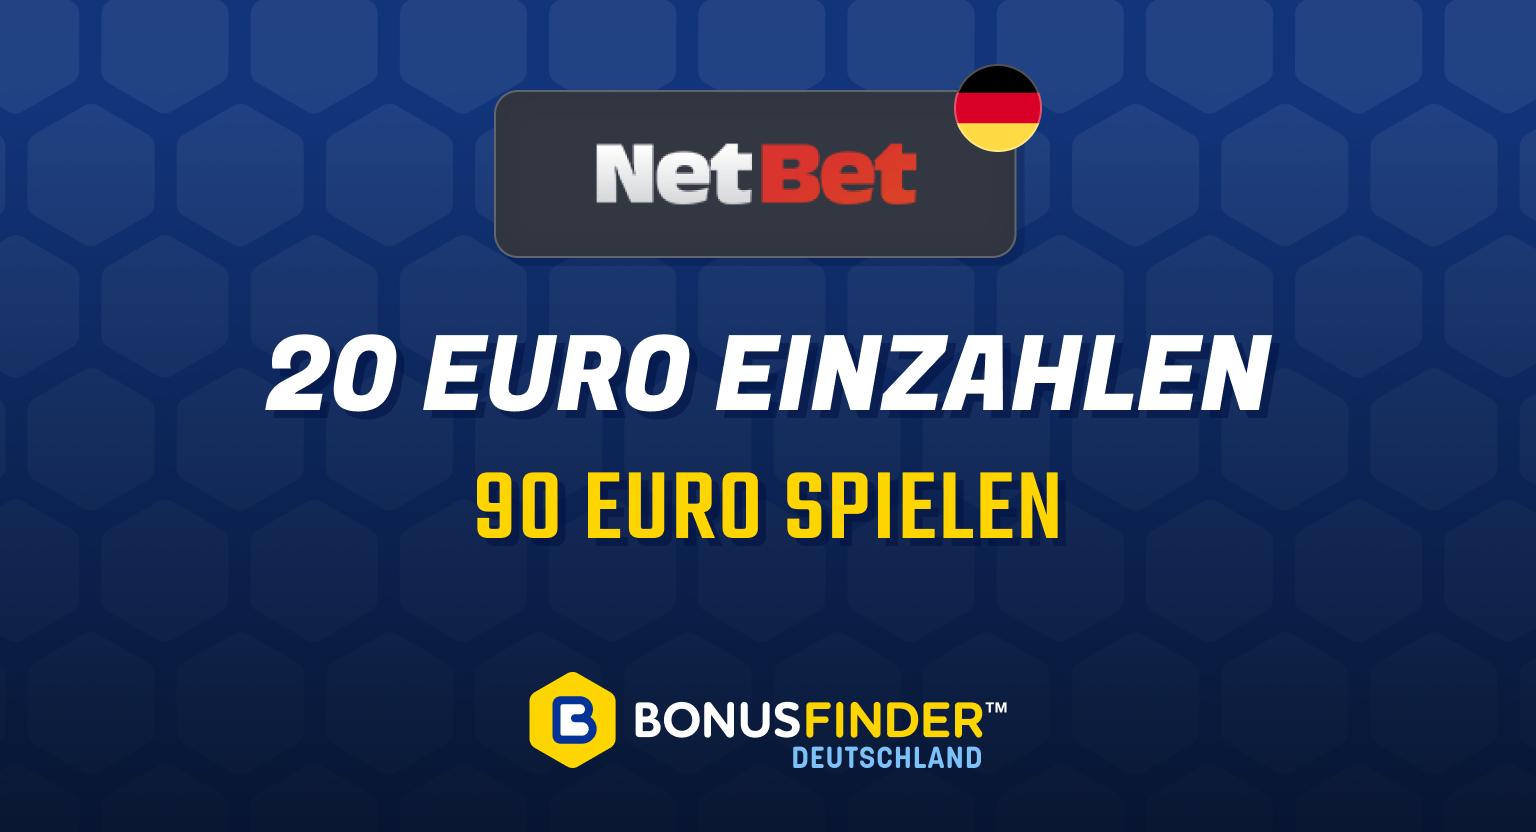 20 euro einzahlen 80 euro spielen